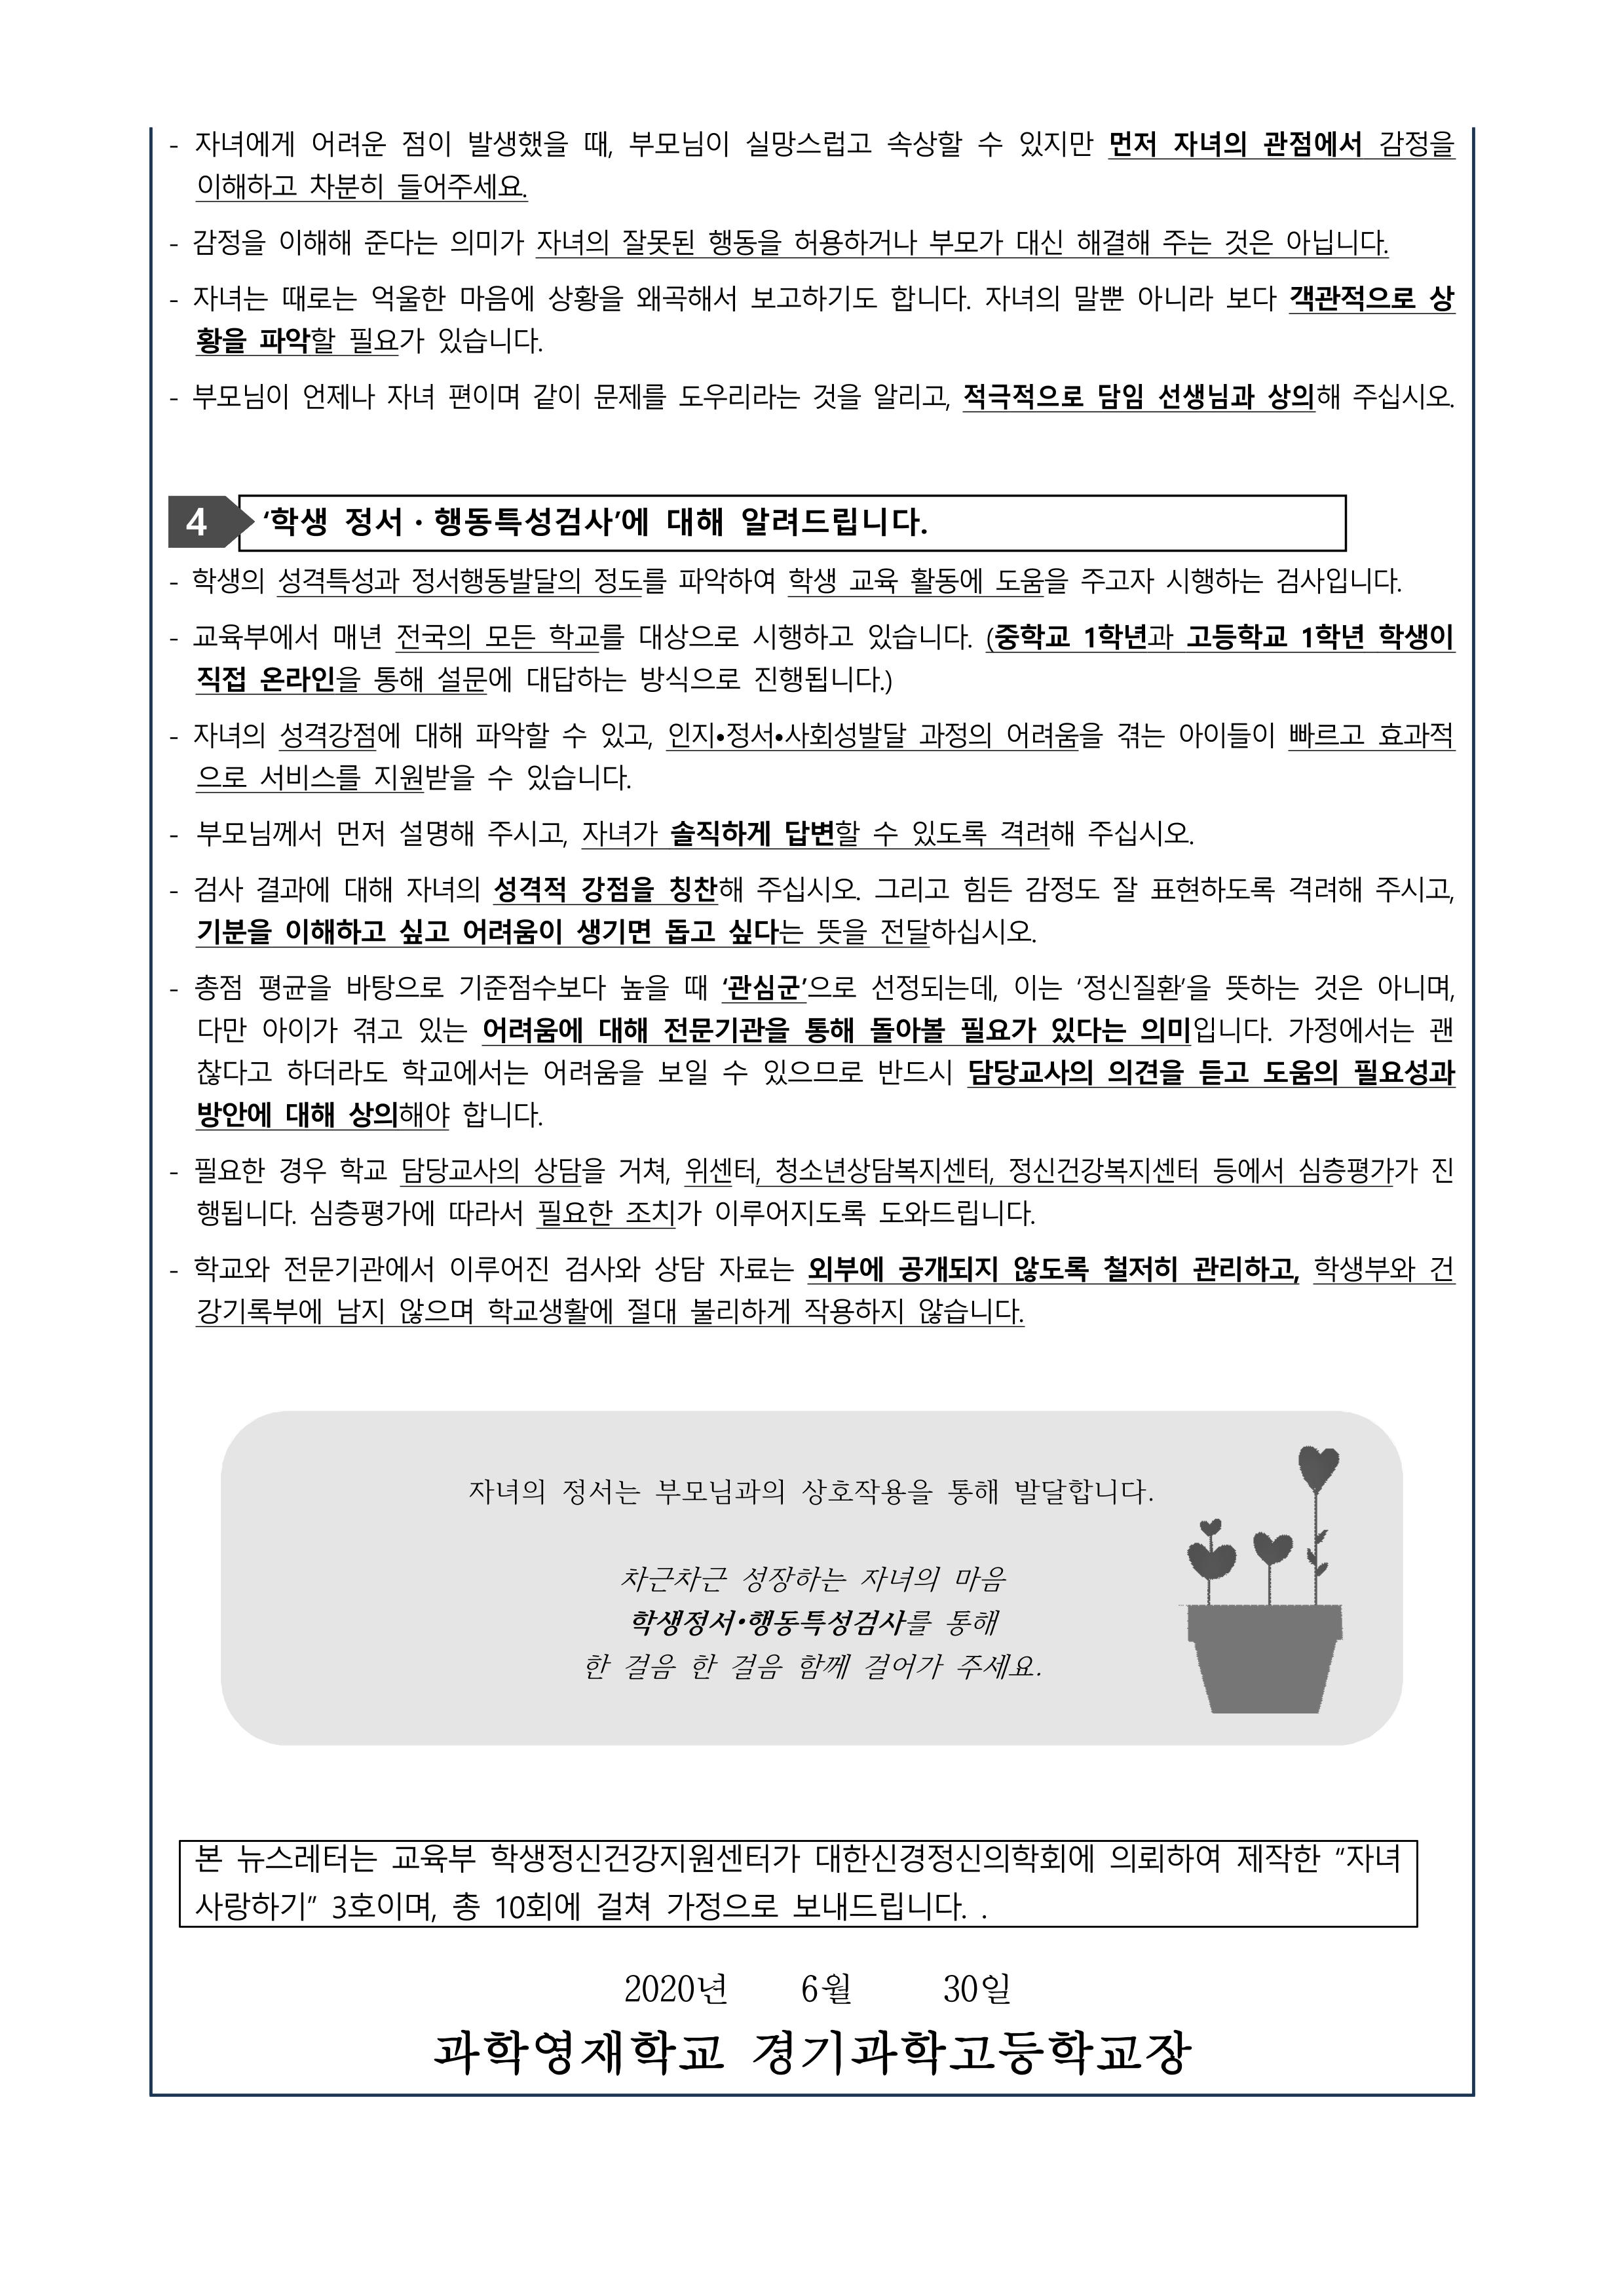 뉴스레터 자녀사랑하기 제2020-3호 가정통신문 2Page.